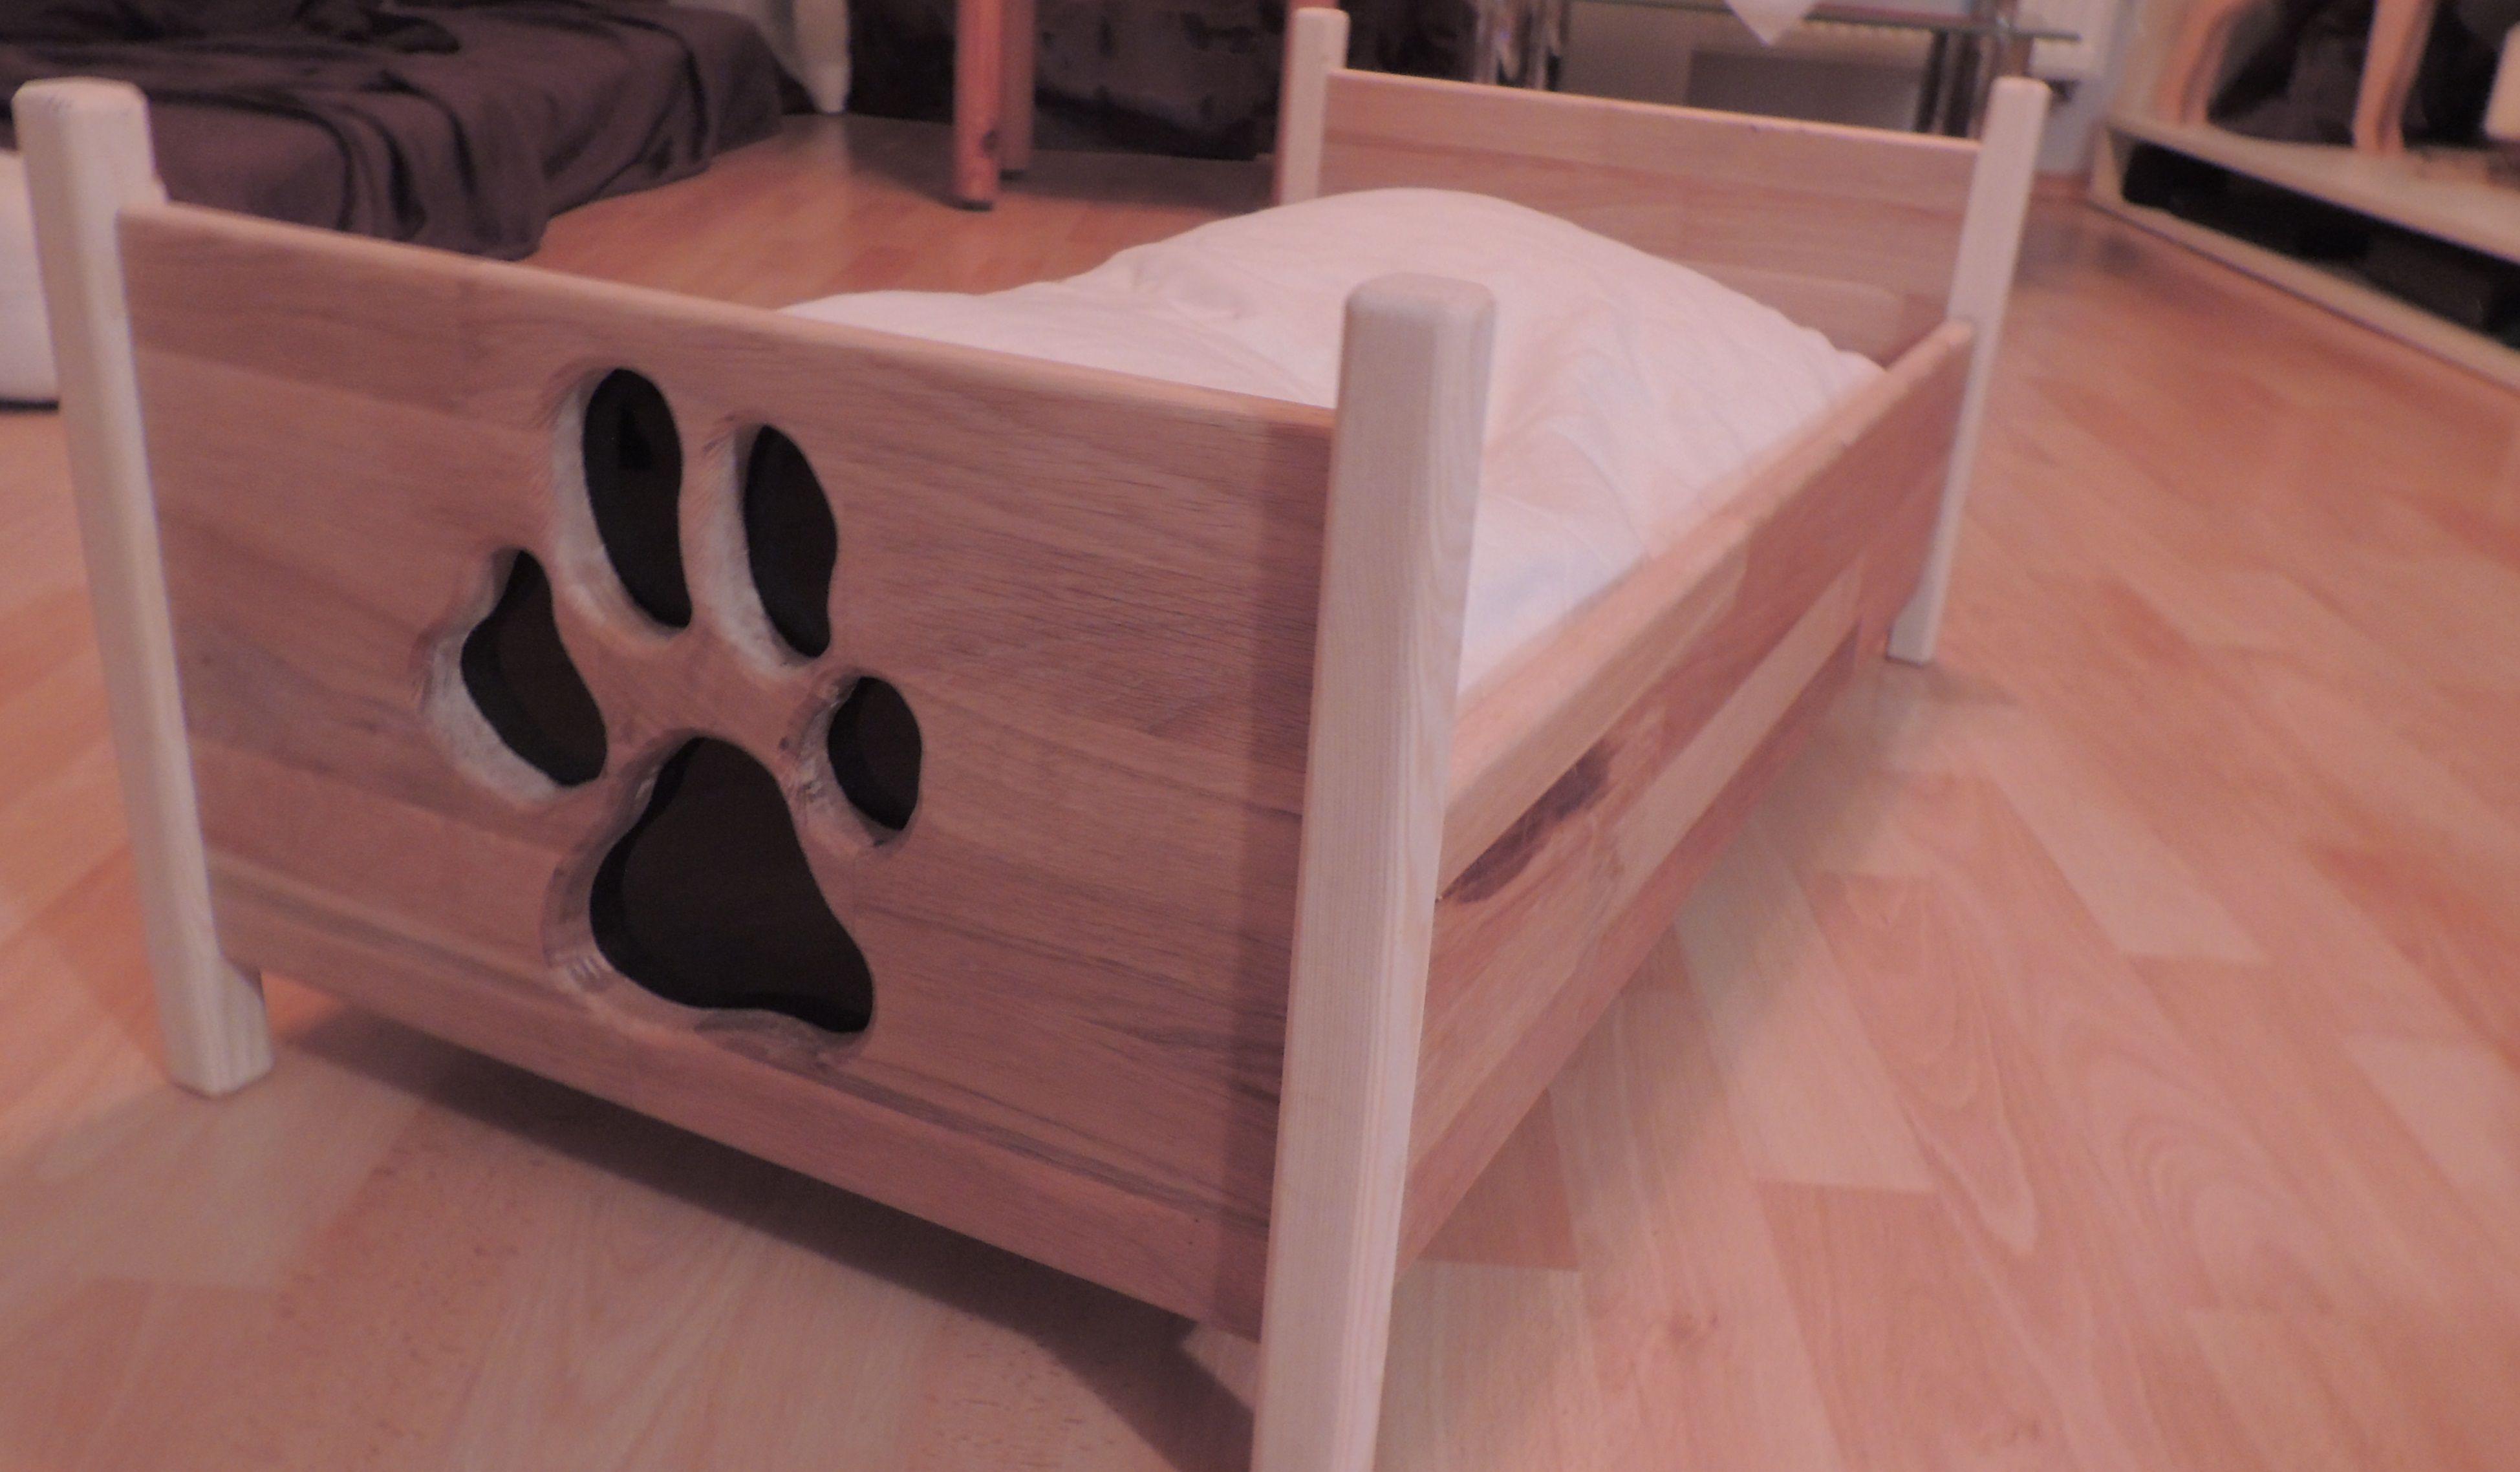 hundebett aus eiche bauanleitung zum selber bauen hund pinterest hundebett bauanleitung. Black Bedroom Furniture Sets. Home Design Ideas